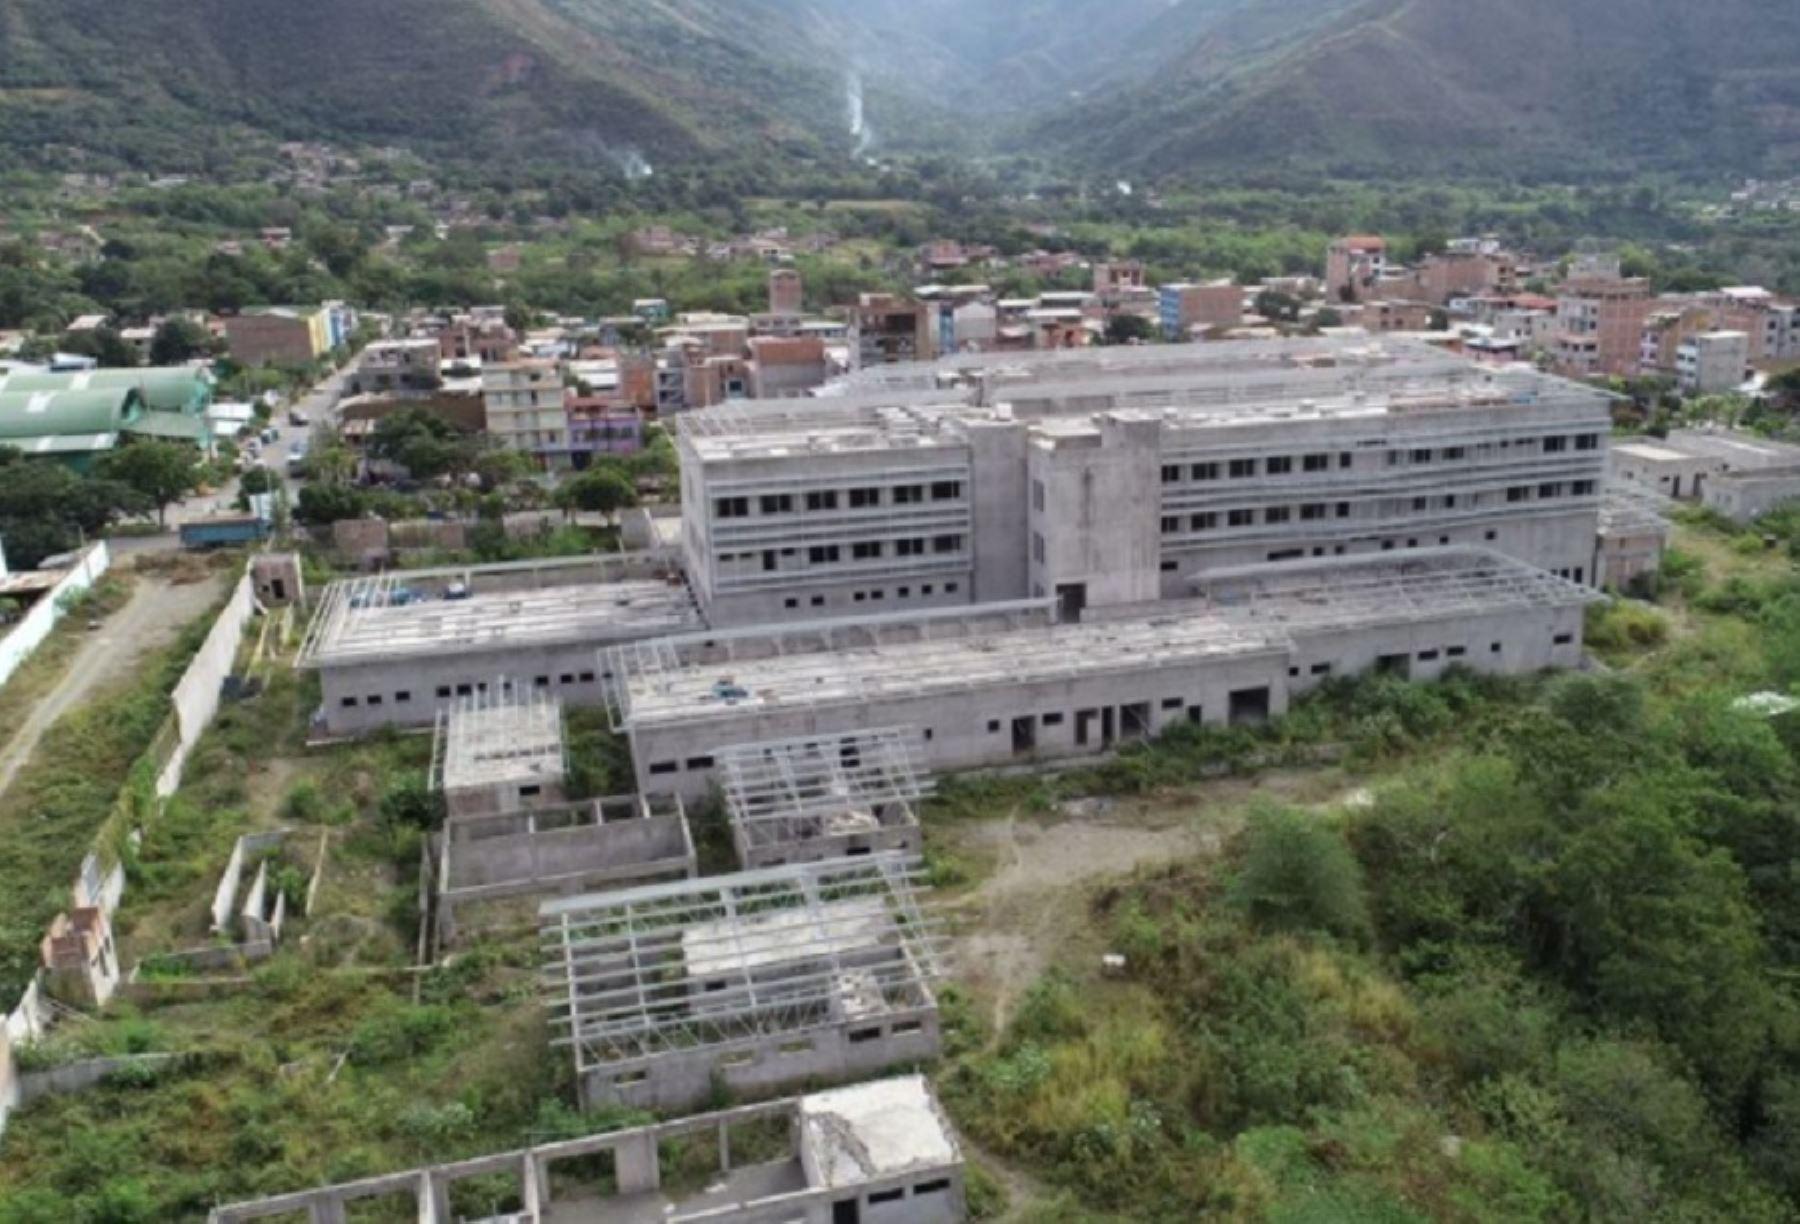 El proyecto del Hospital Bicentenario de Ayacucho registra un avance del 46% en el desarrollo del estudio de pre inversión. El futuro Hospital Bicentenario (II-1) se construirá en un área de más de 15,000 metros cuadrados y contará con 25 unidades prestadoras de servicio de salud, donde destacan los servicios de oncología, psiquiatría, y áreas especializadas como el servicio materno-infantil, entre otros.